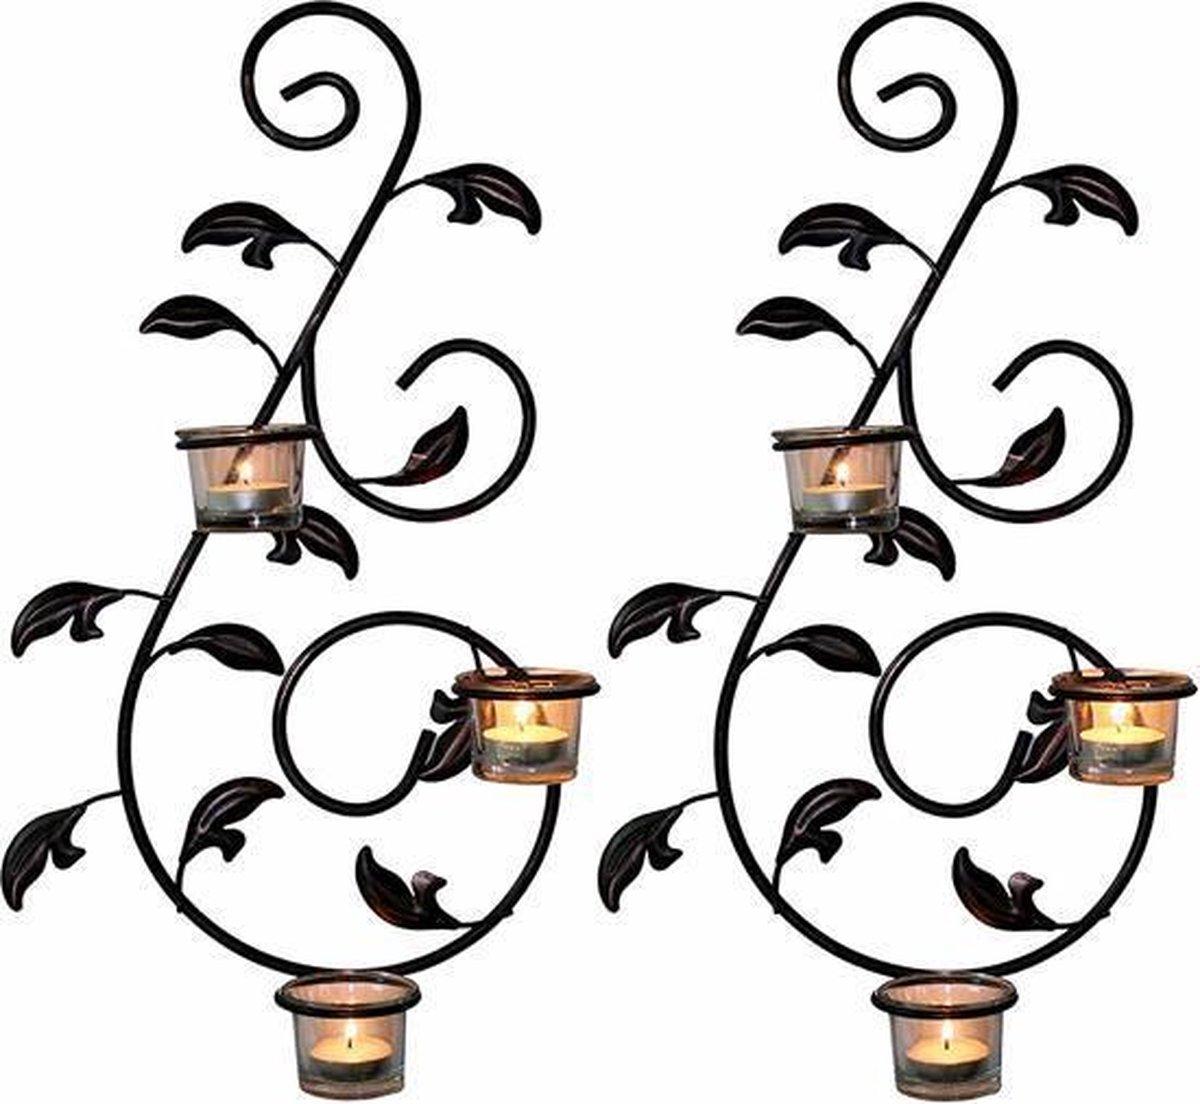 2 Delige Decoratieve wandkandelaar met gratis theelichtjes - N3 Collecties